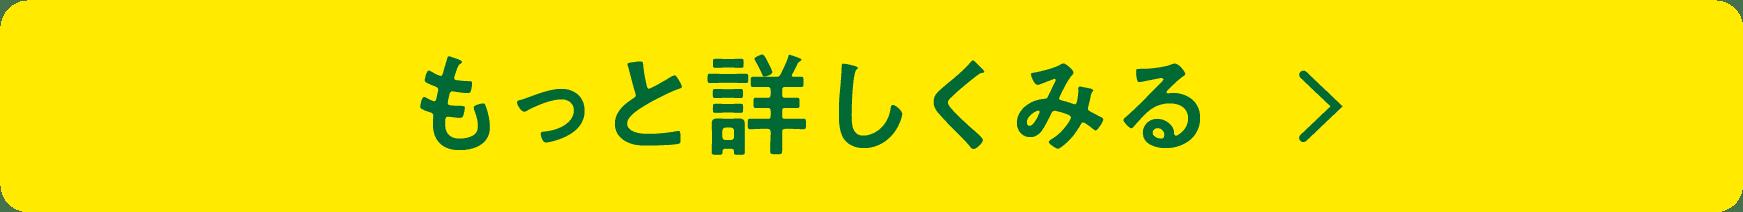 毎日レモンLPボタン